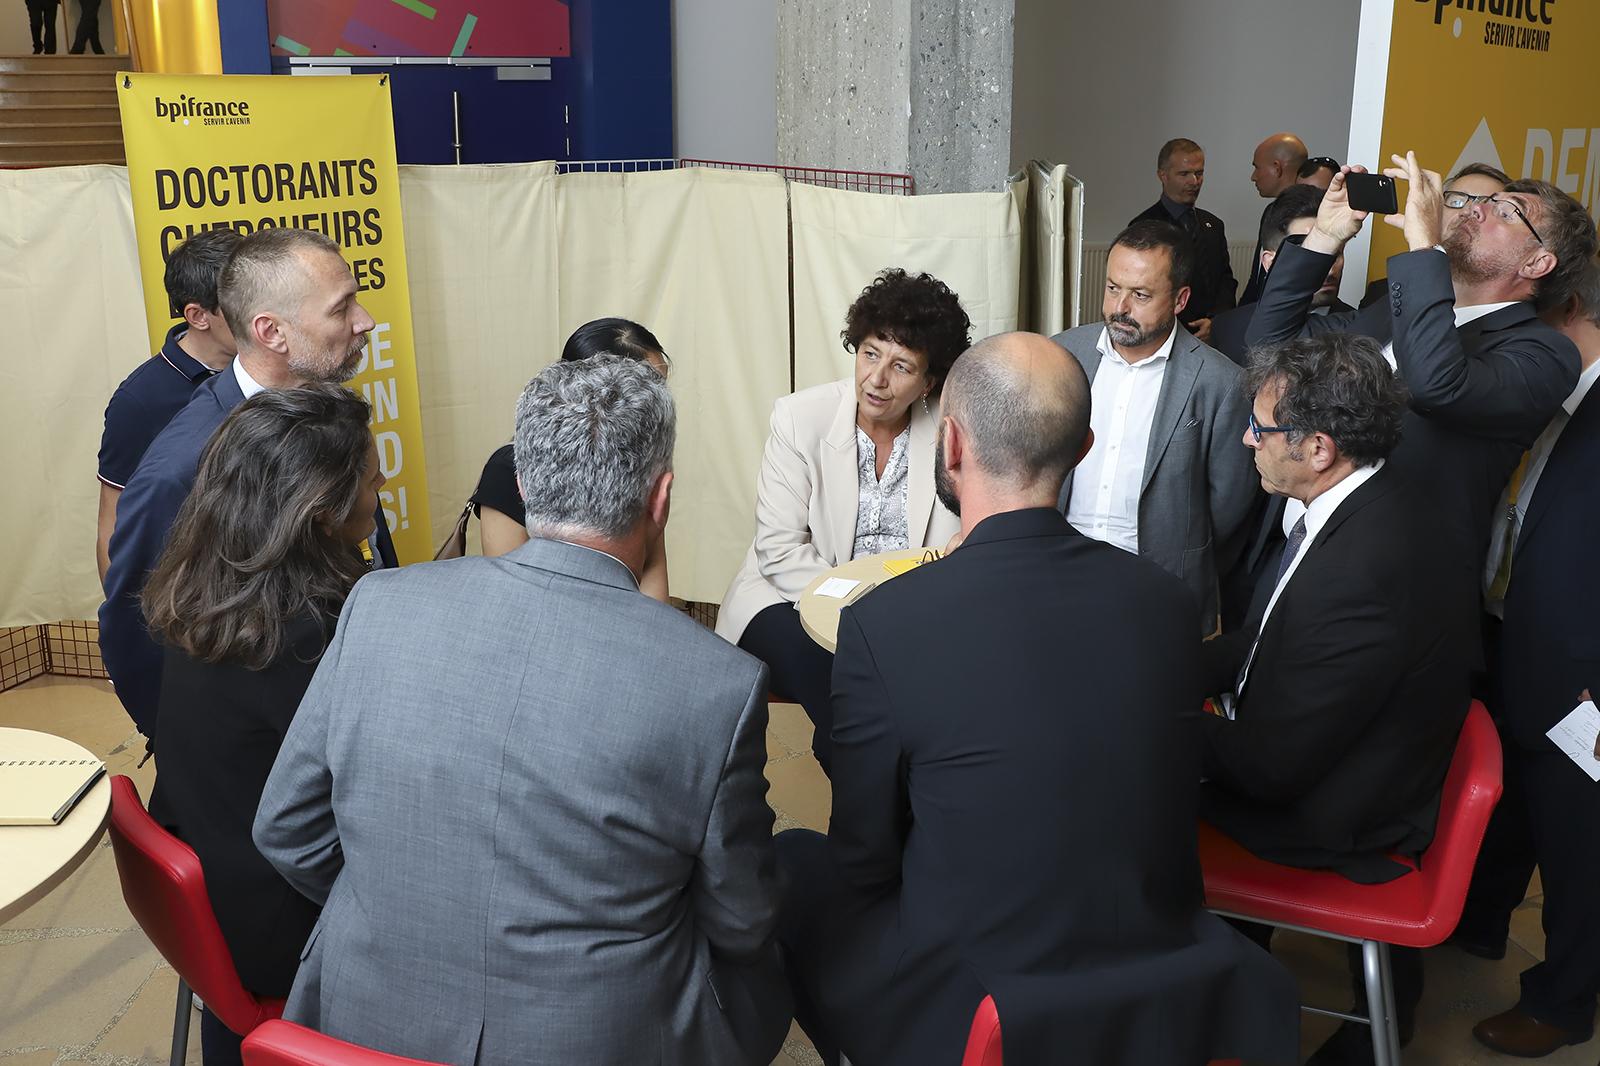 Lancement du Deeptech Tour à l'Université Grenoble Alpes en prénsence de la ministre Frédérique Vidal